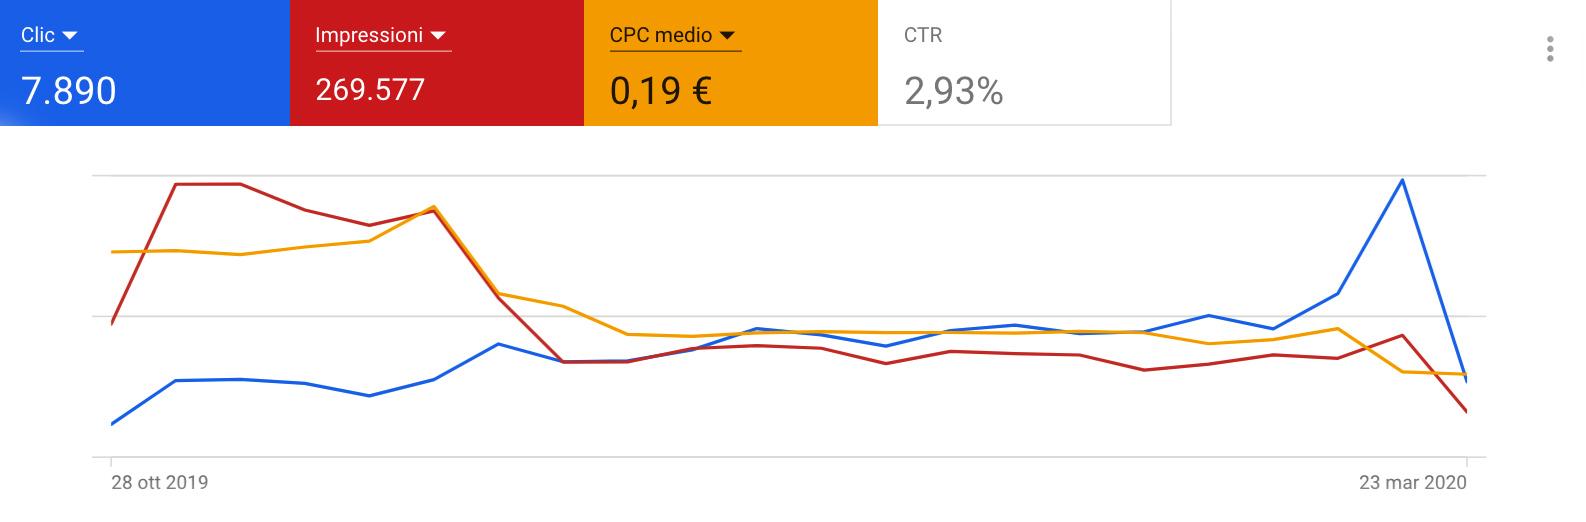 vittoria comunica campagna google quarantena